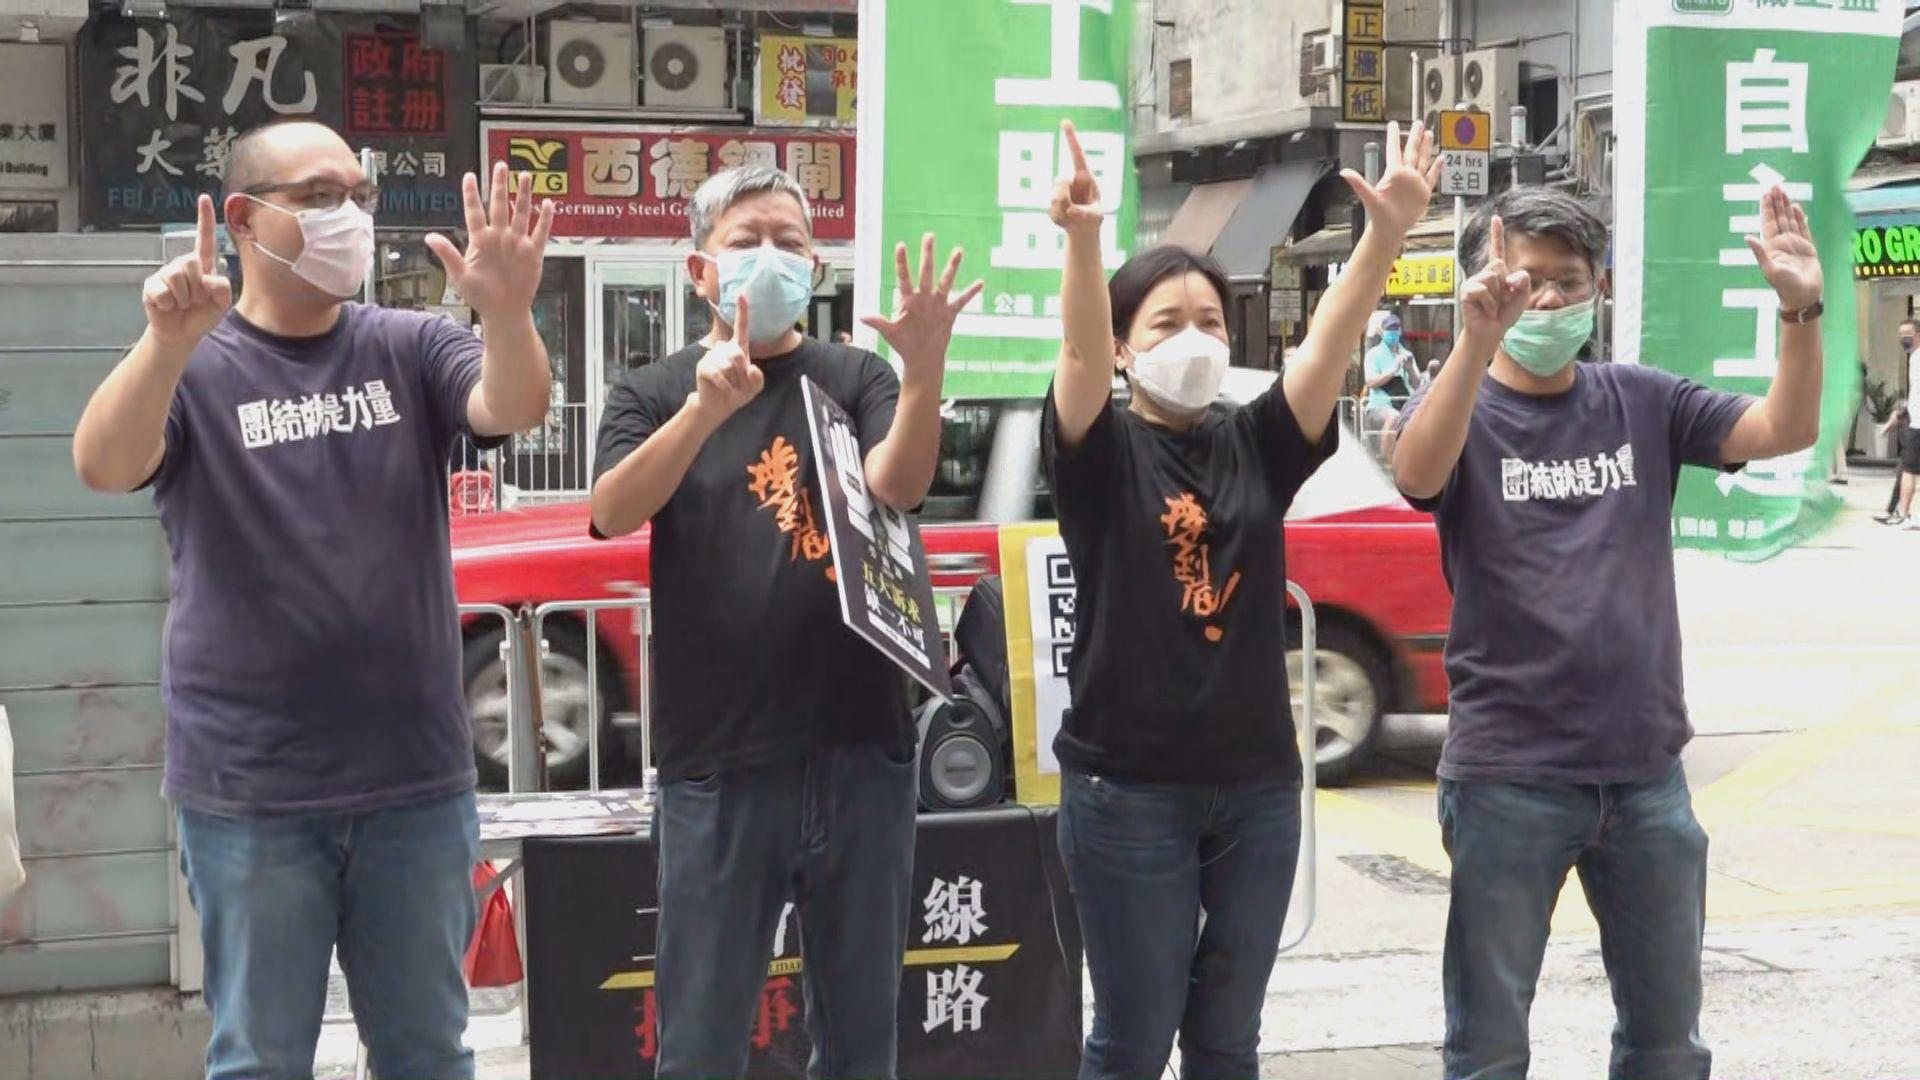 職工盟遊行申請遭反對 改於全港各區設街站